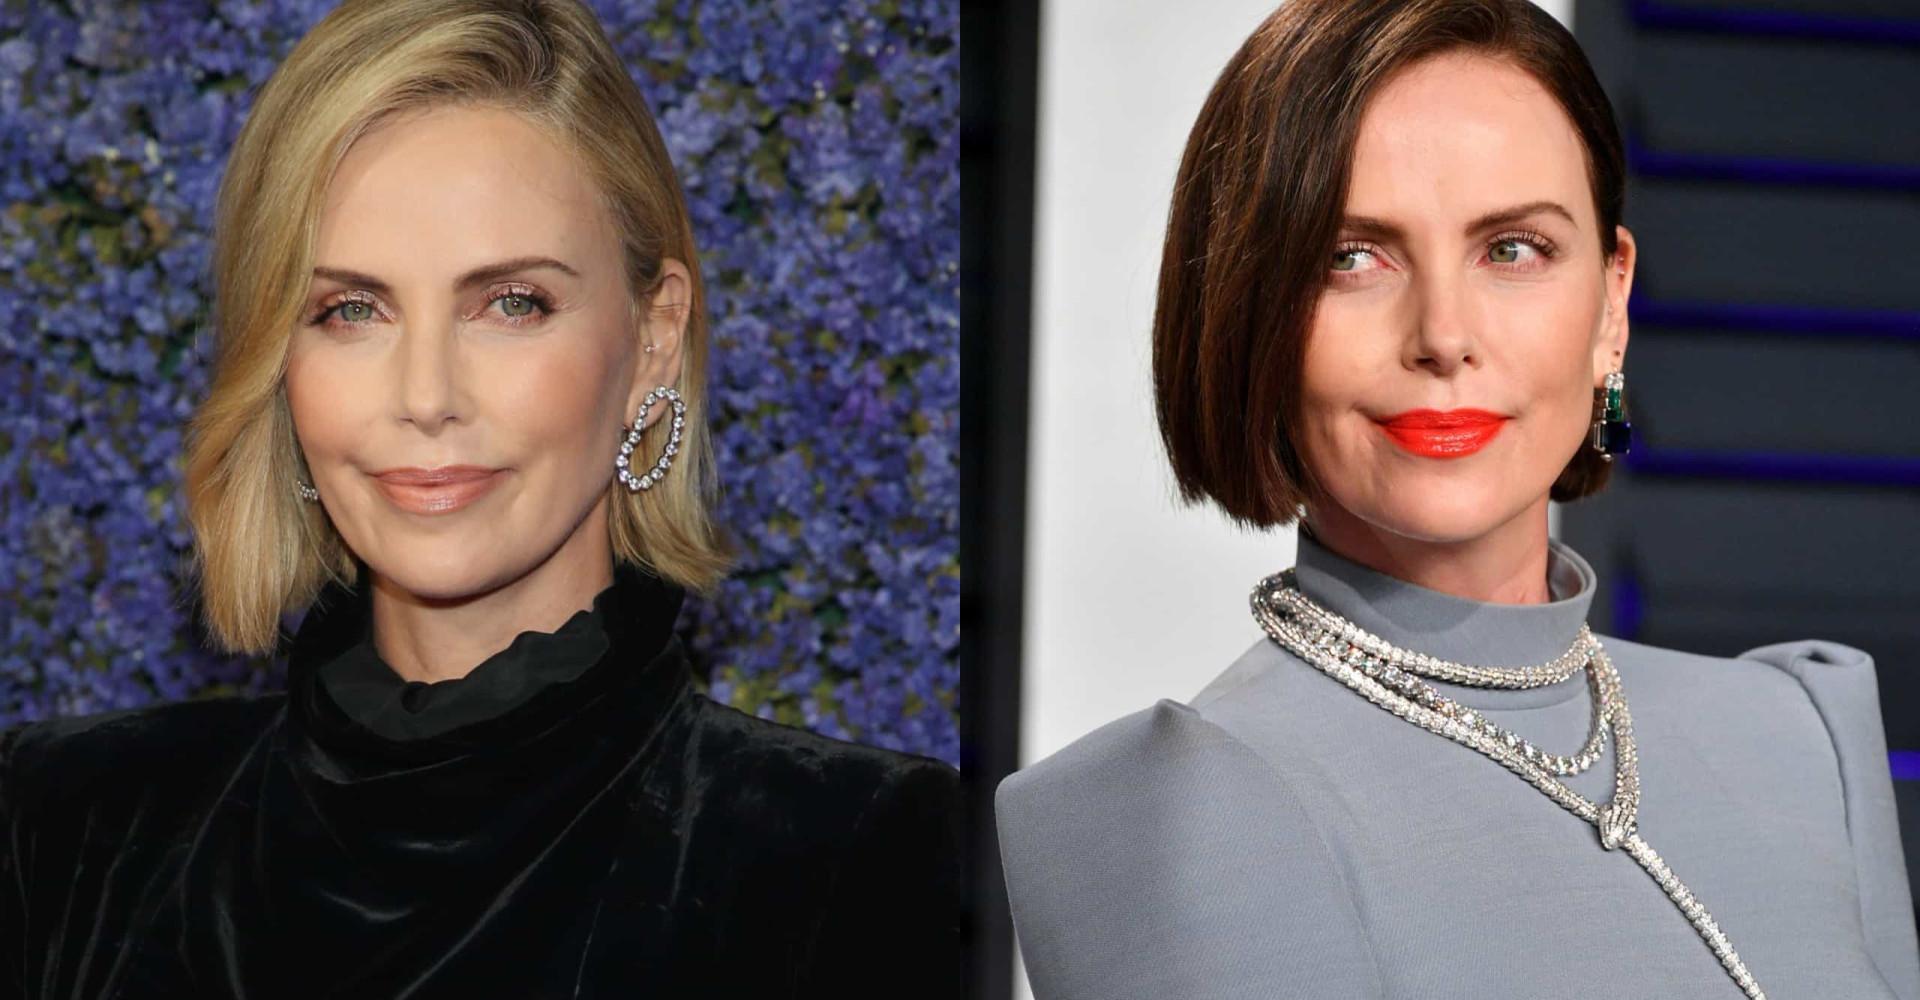 Är de här kändisarna snyggare som brunetter eller som blondiner?